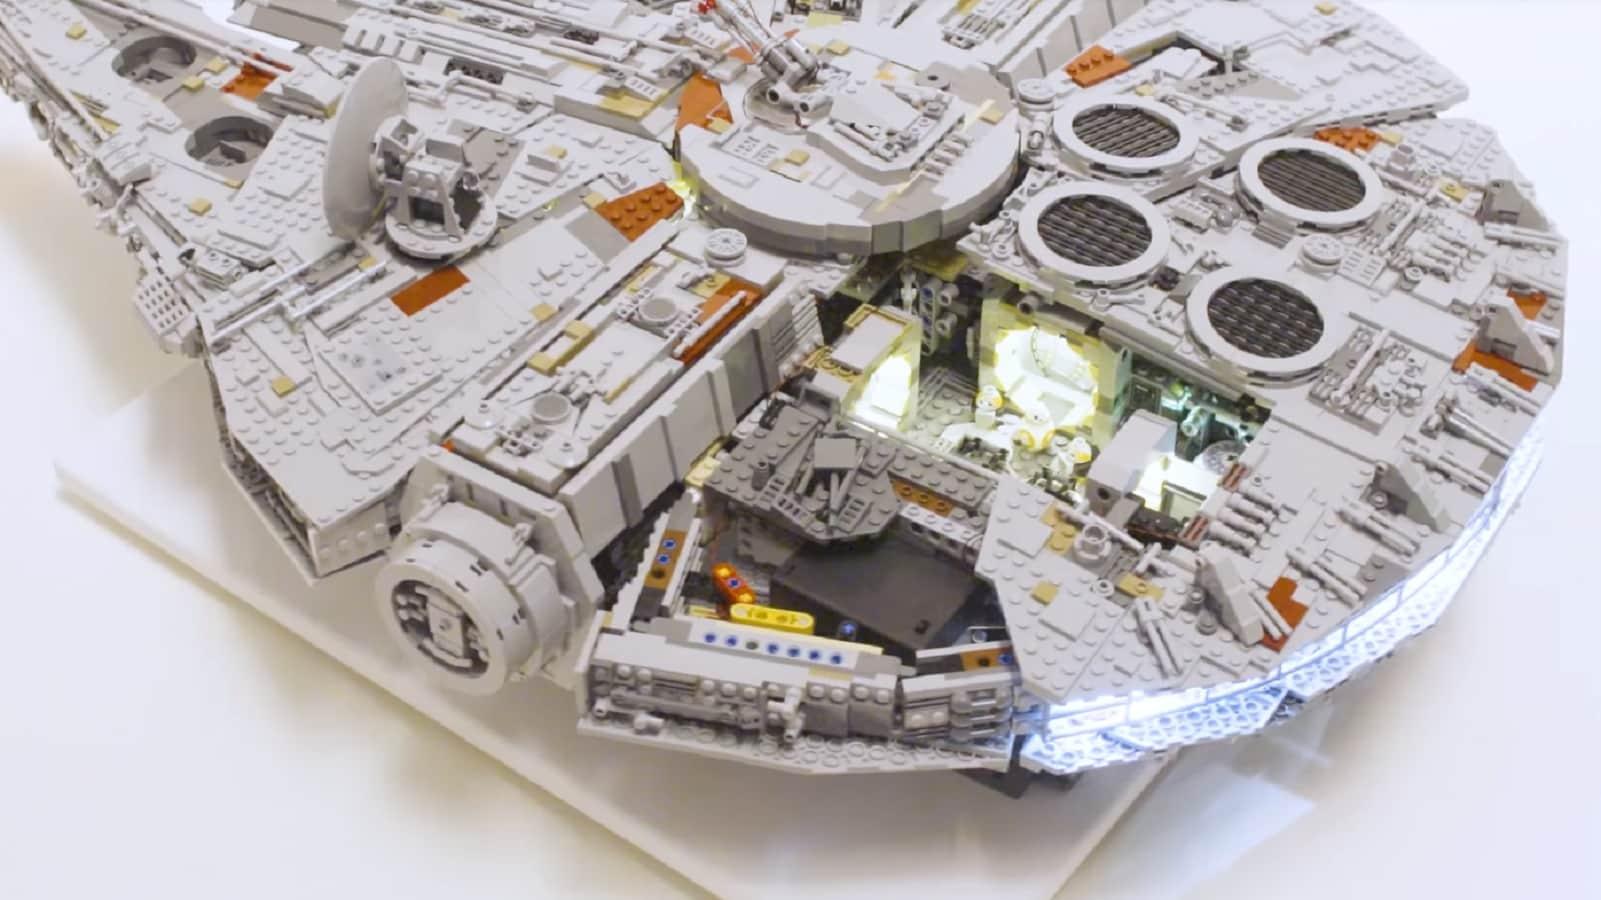 lego lights on star wars set